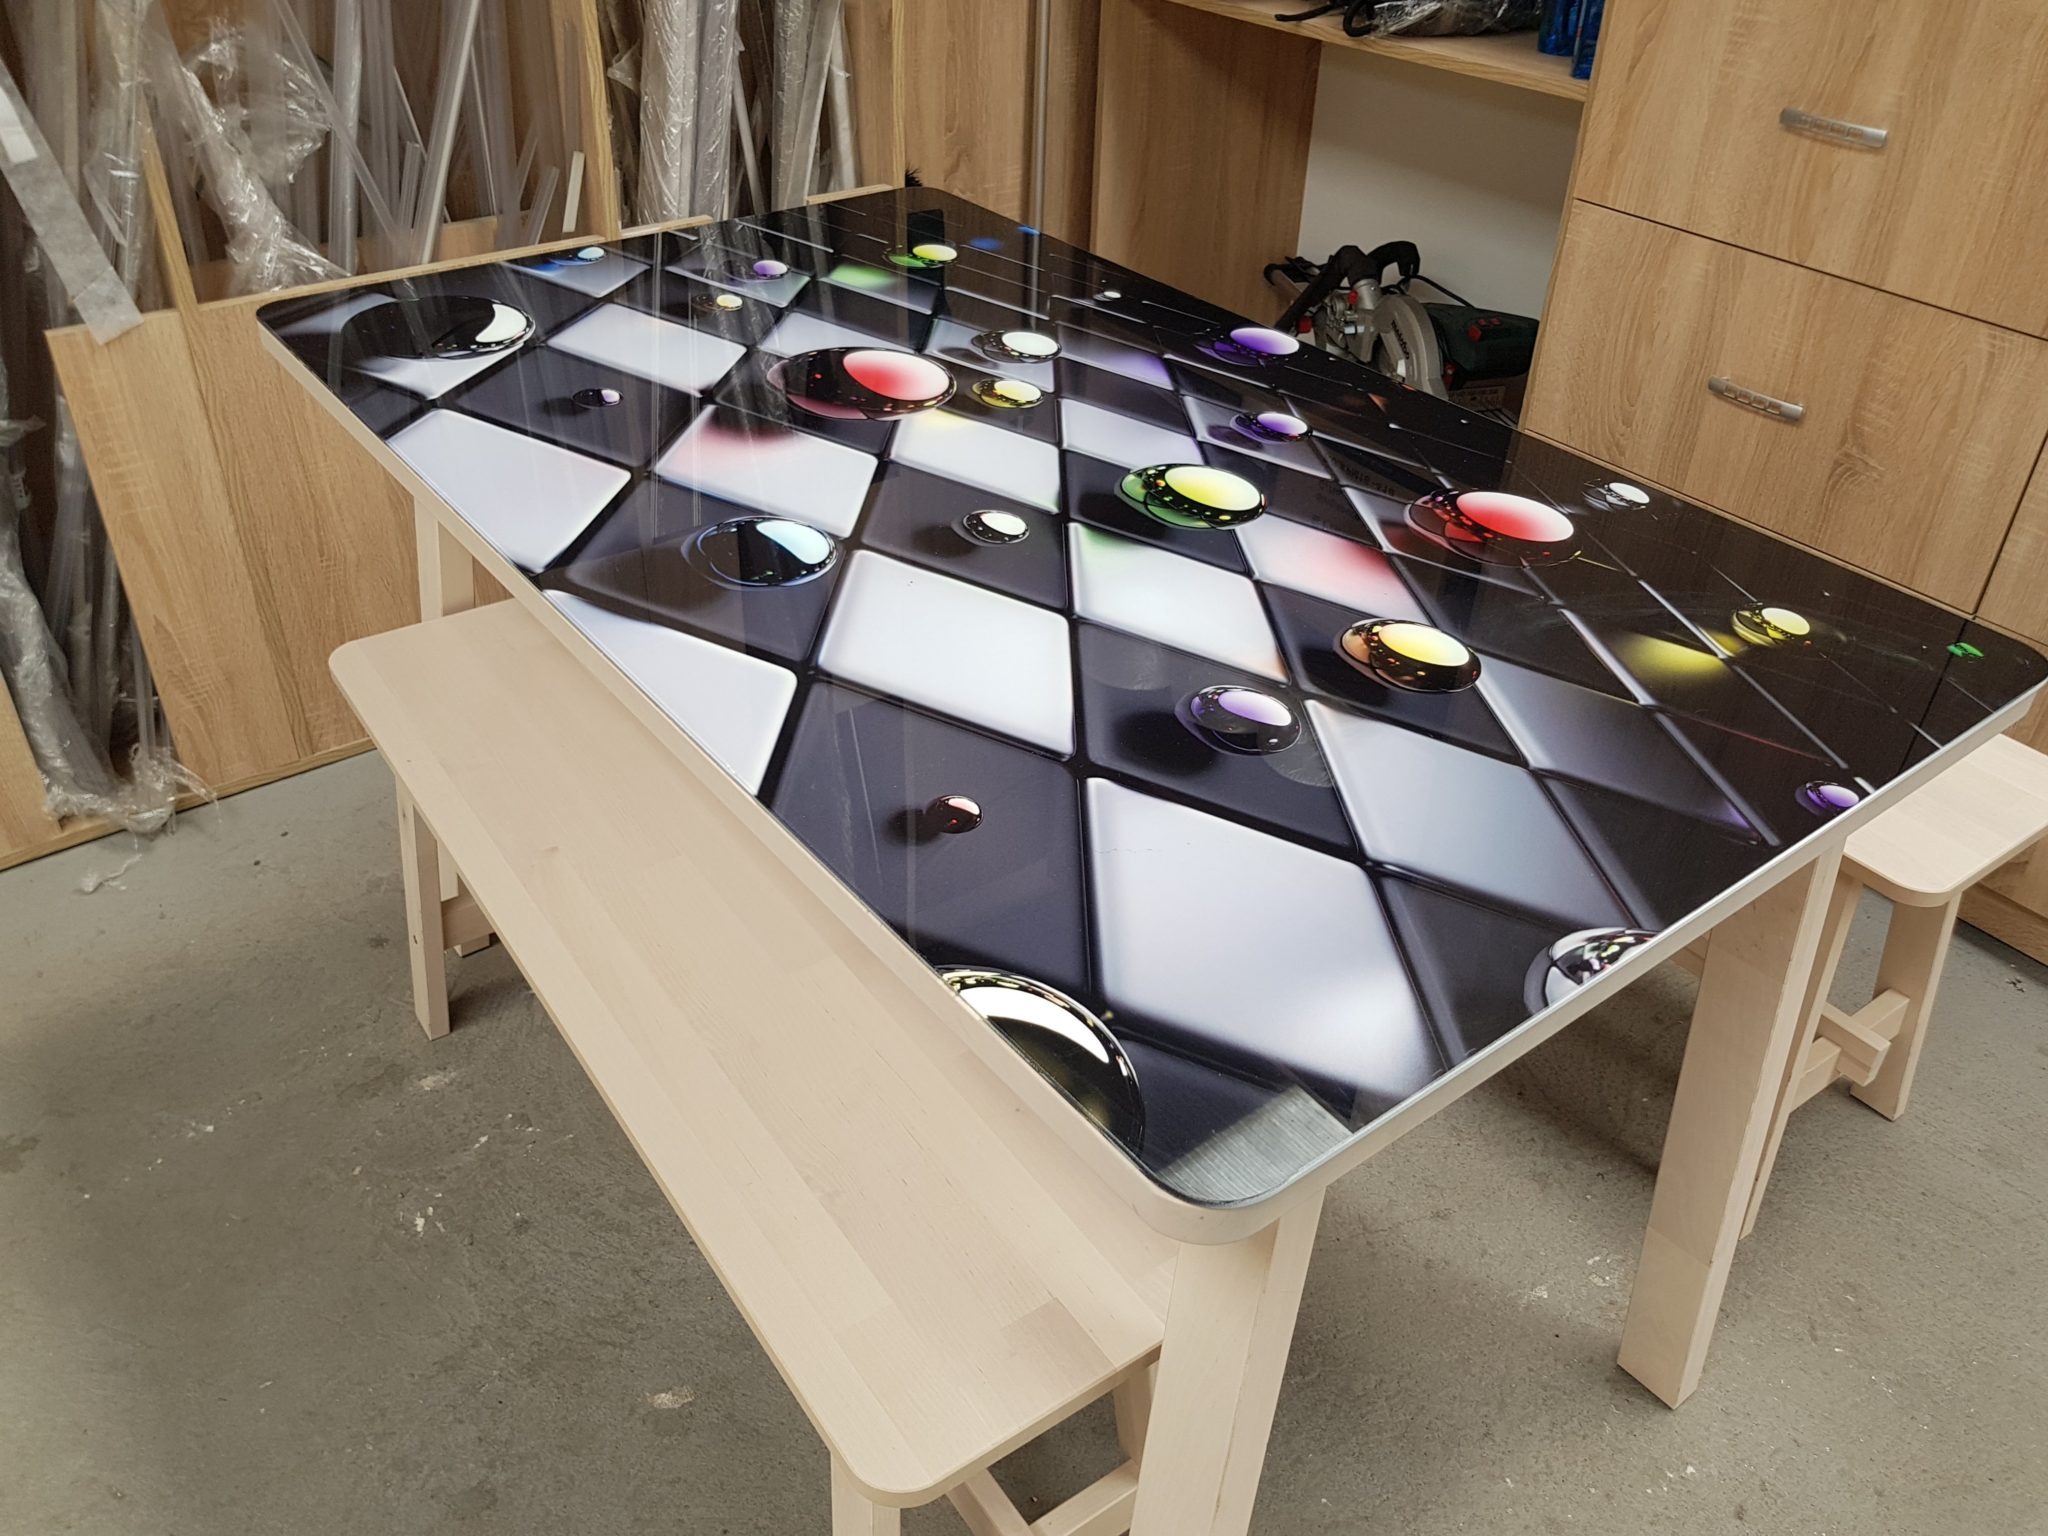 szachownica; stół; wzór szachownicy